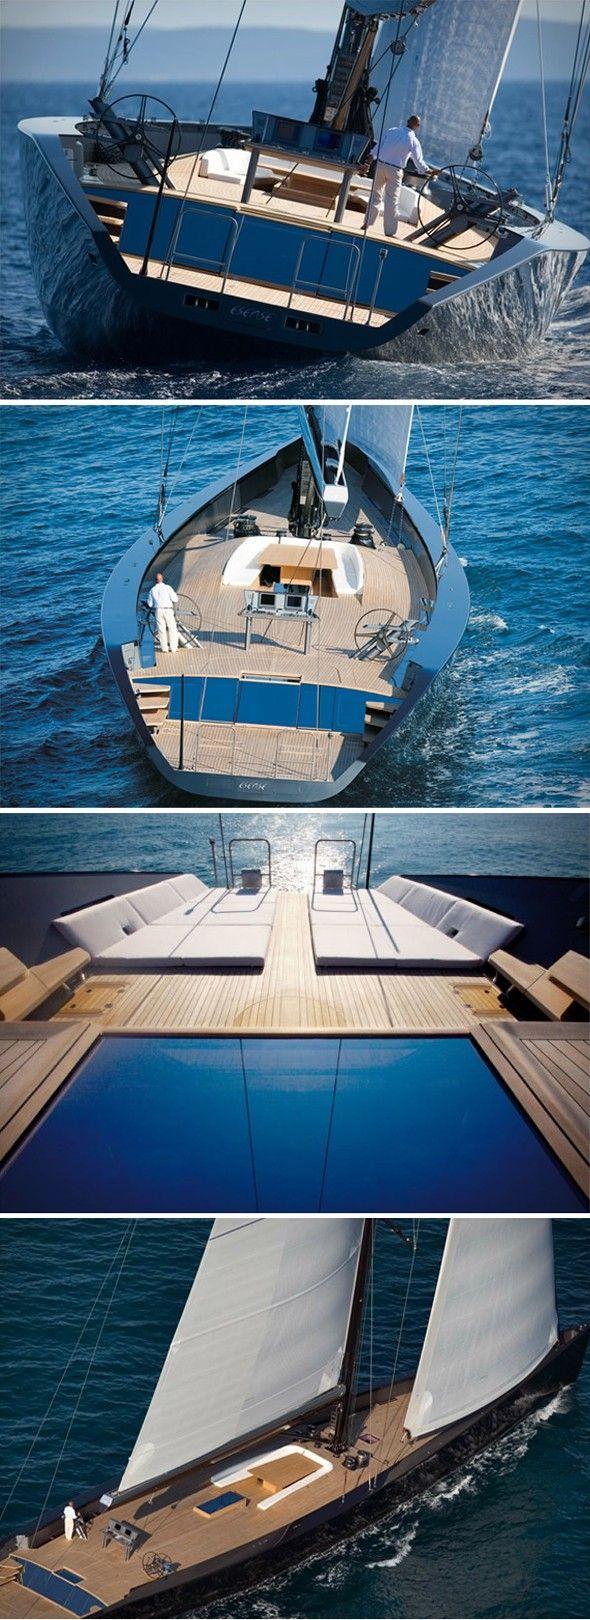 25 best ideas about bateau yacht on pinterest design yatch navire de la ligne and grand voile. Black Bedroom Furniture Sets. Home Design Ideas